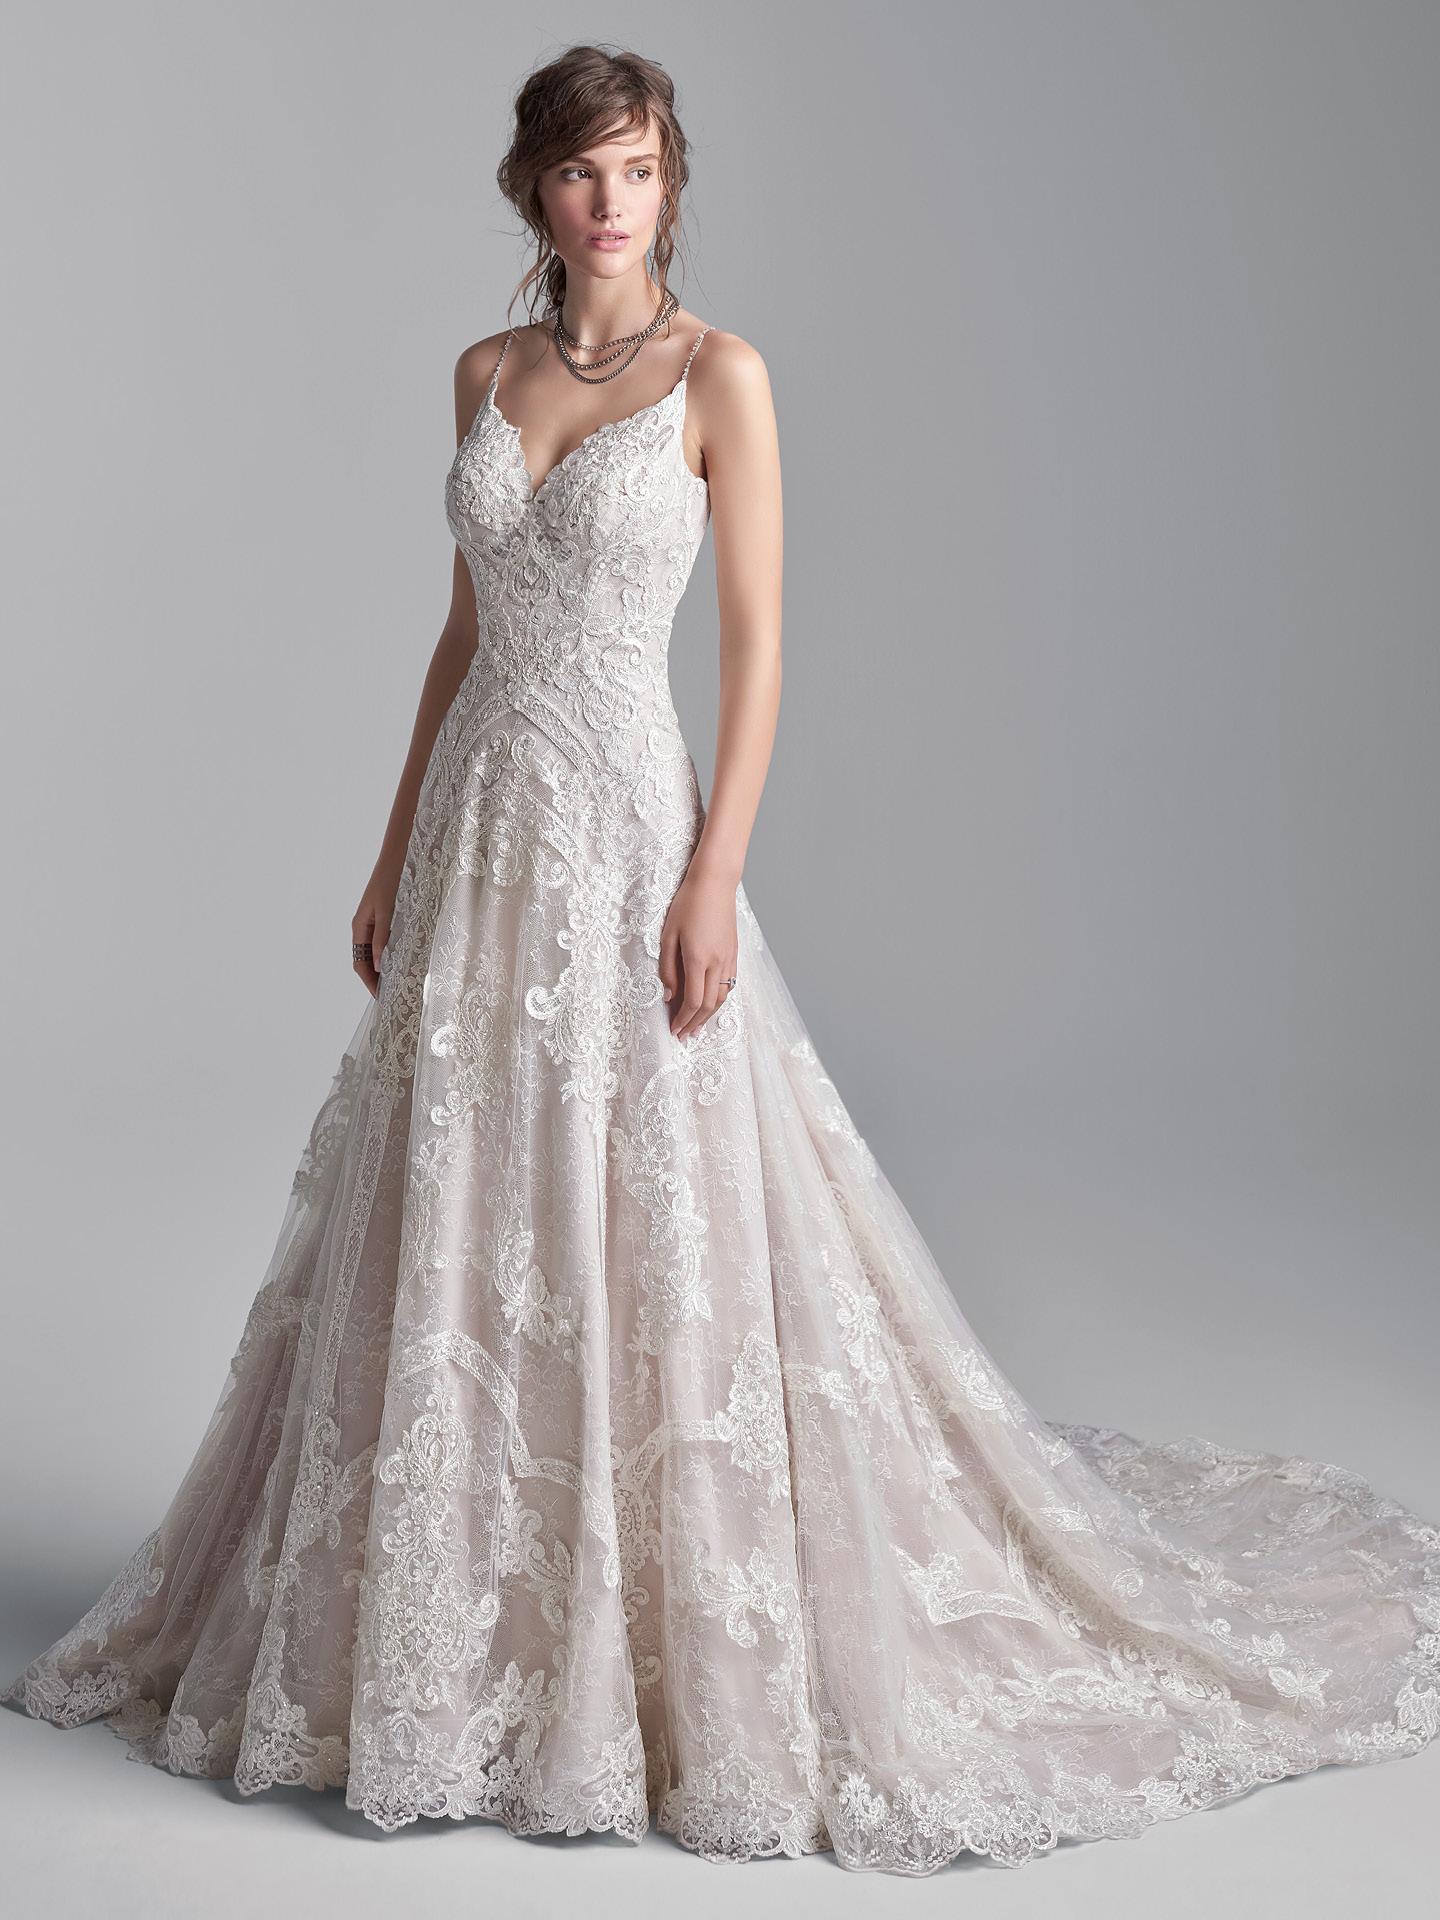 Vestido de noiva evasê: melhores dicas para escolher o seu